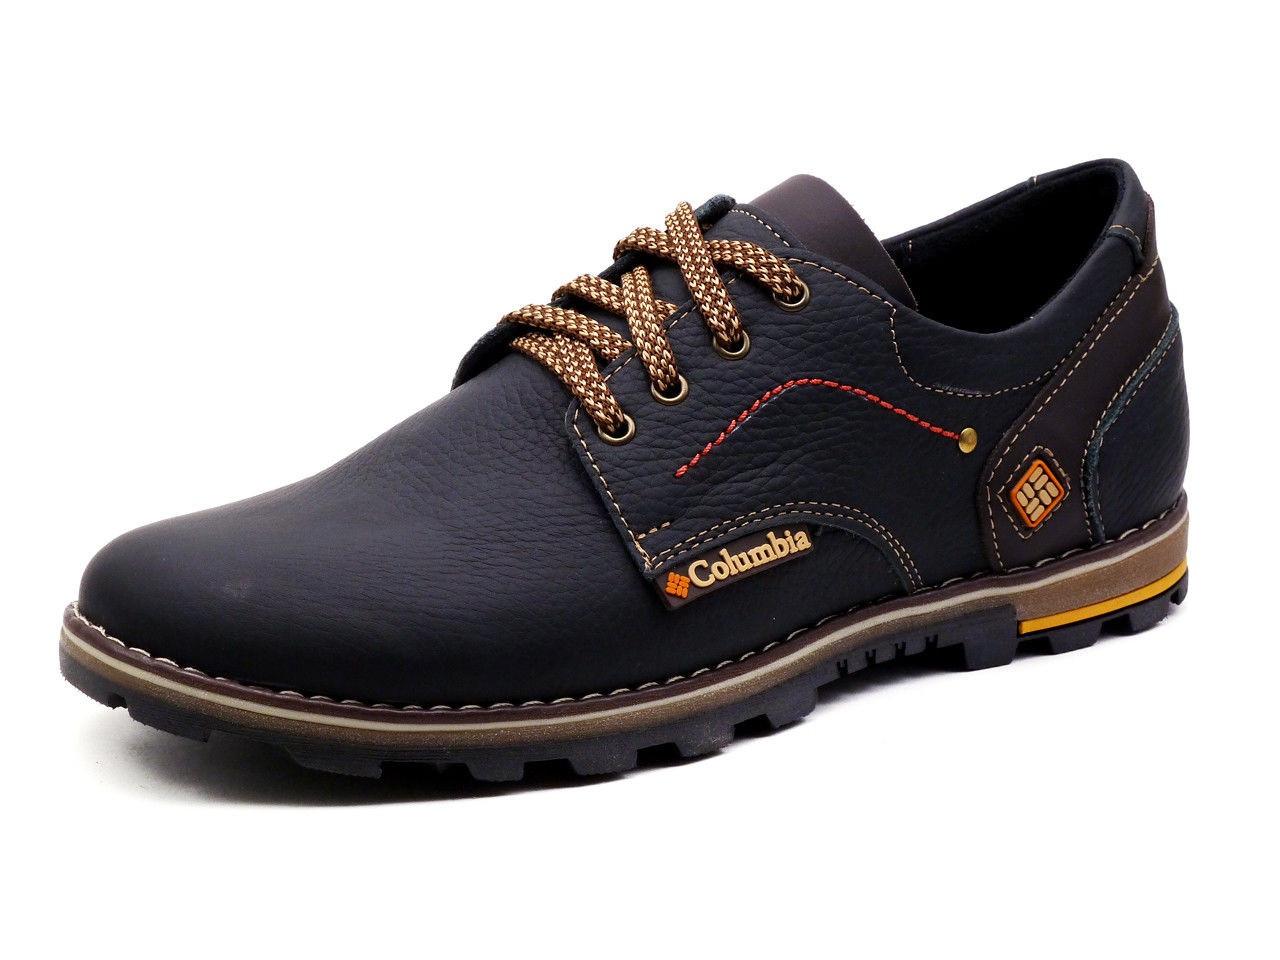 Columbia - Мужская обувь Объявления в Украине на BESPLATKA.ua ... a409500b1bf5d